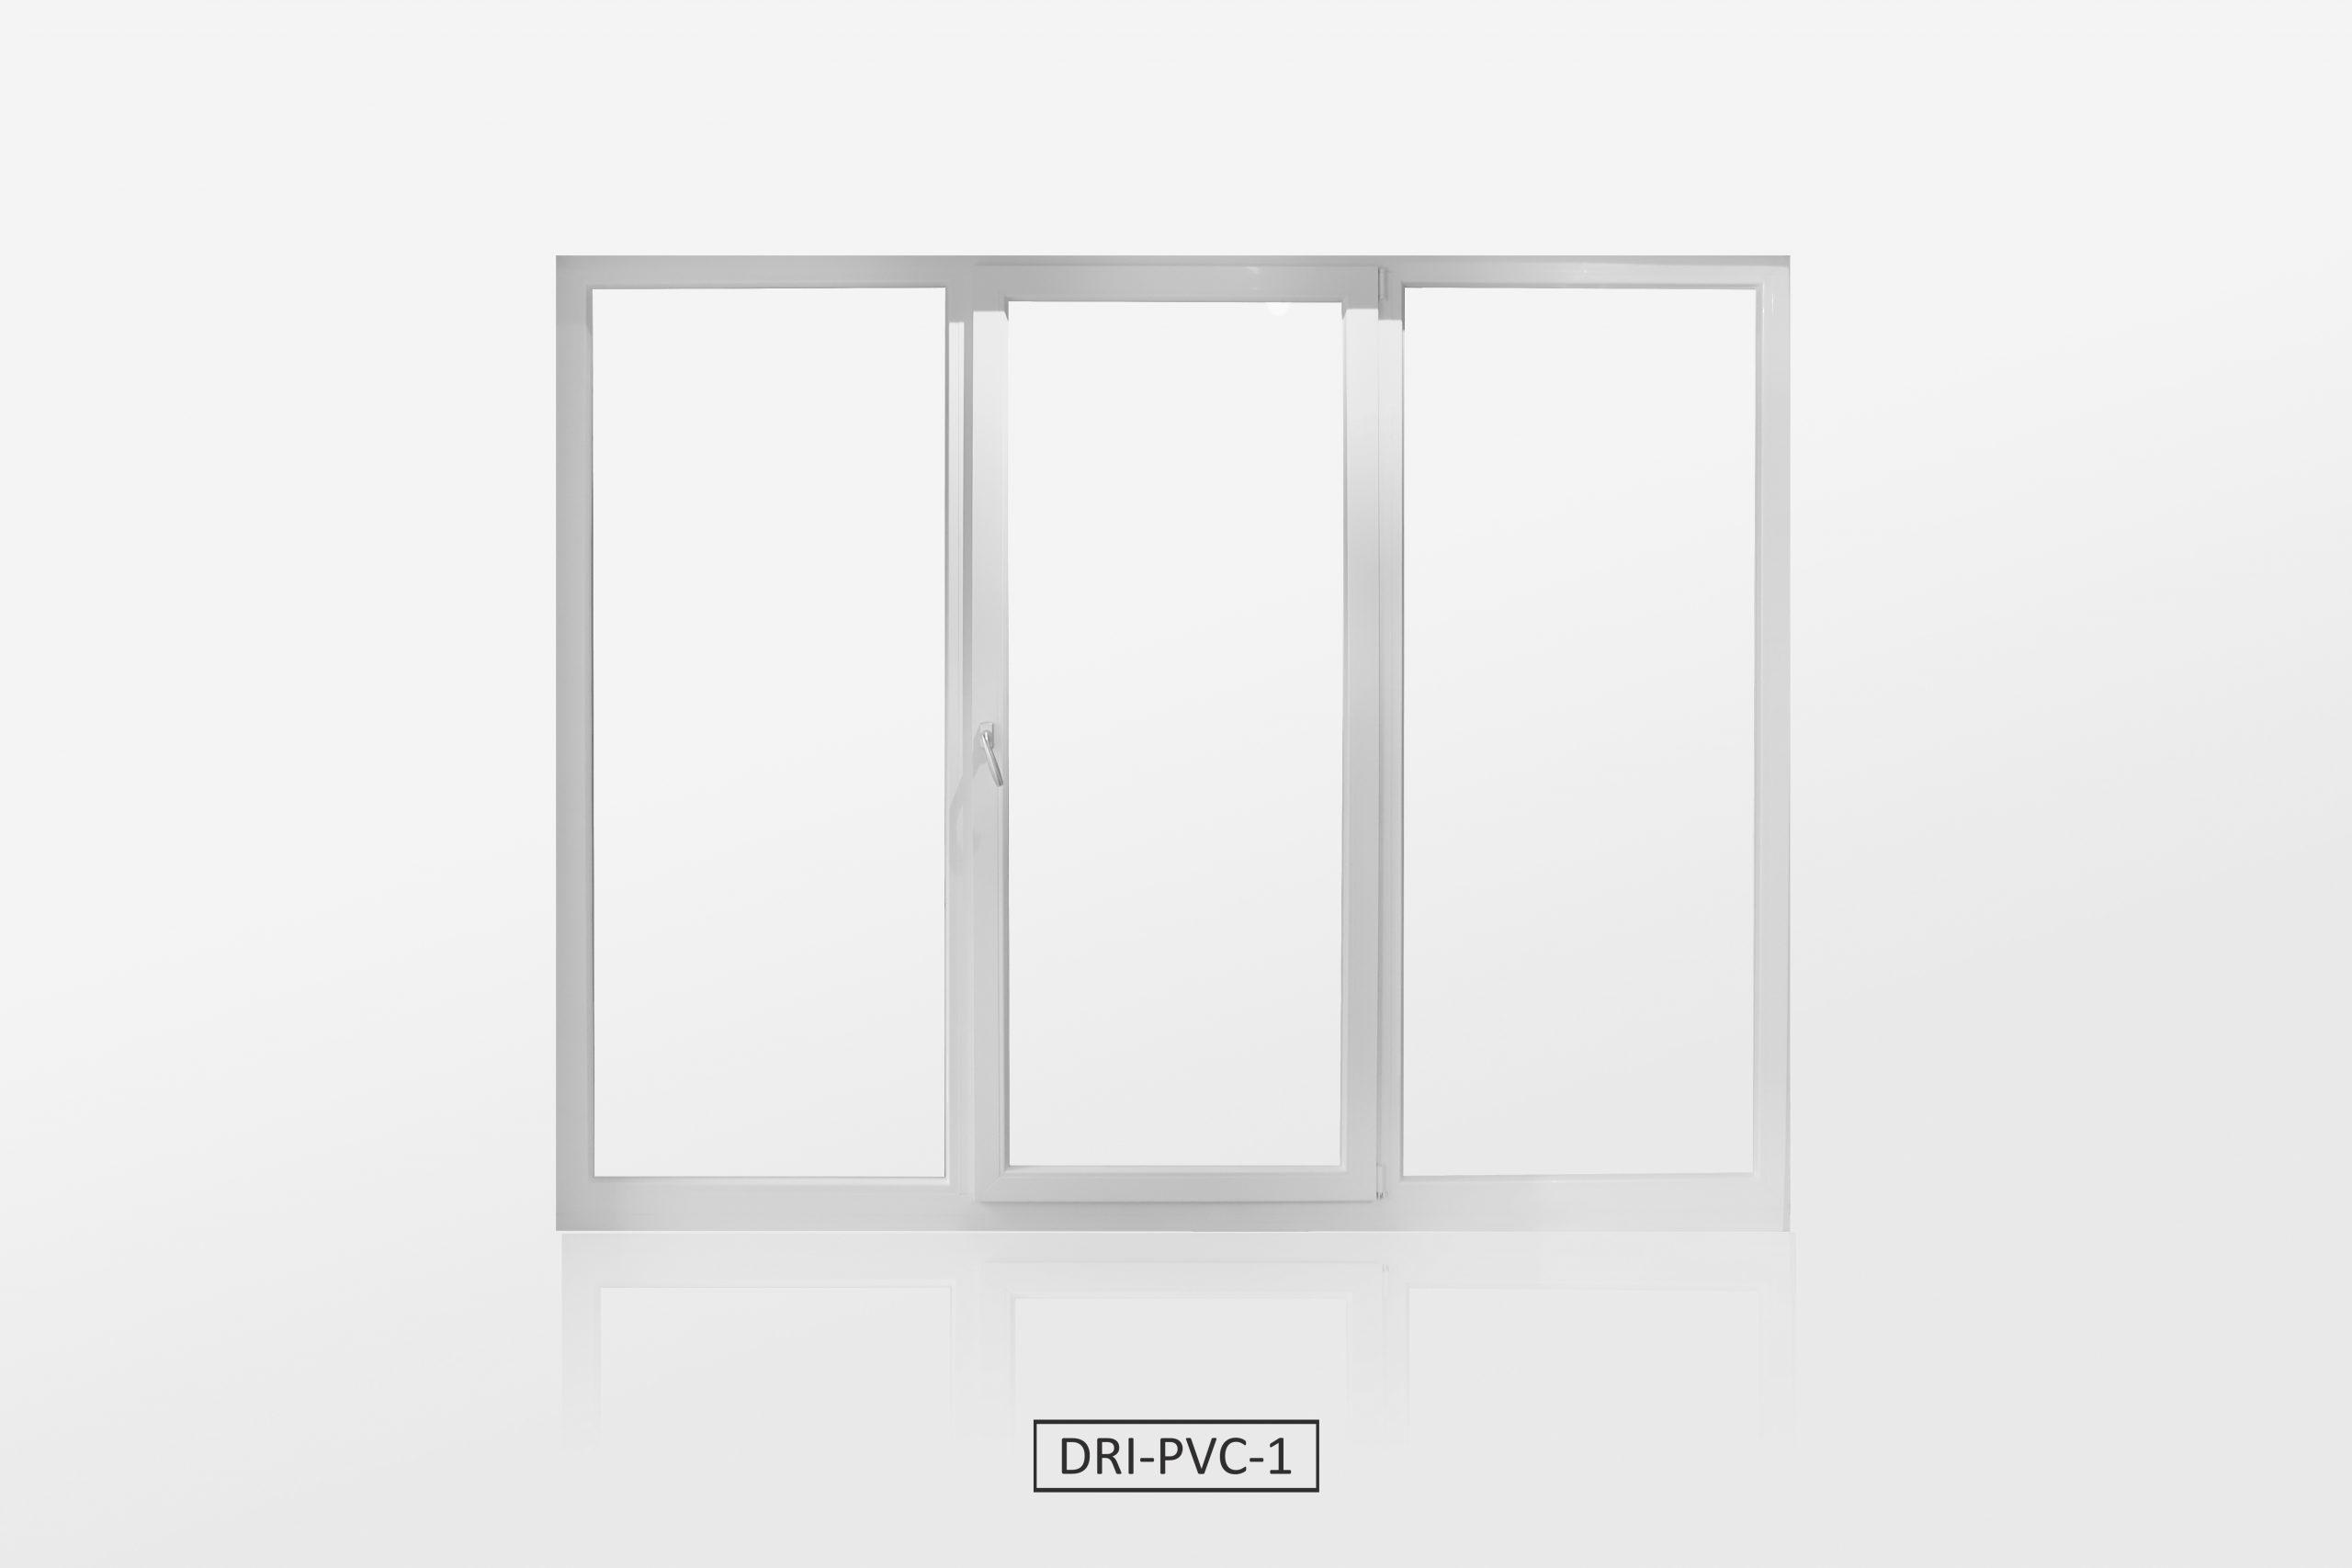 Full Size of Kosova Model Willkommen Günstige Fenster Kunststoff Aluminium Jemako Flachdach Reinigen Einbruchschutz Kosten Neue Teleskopstange Sonnenschutz Außen Fenster Kbe Fenster